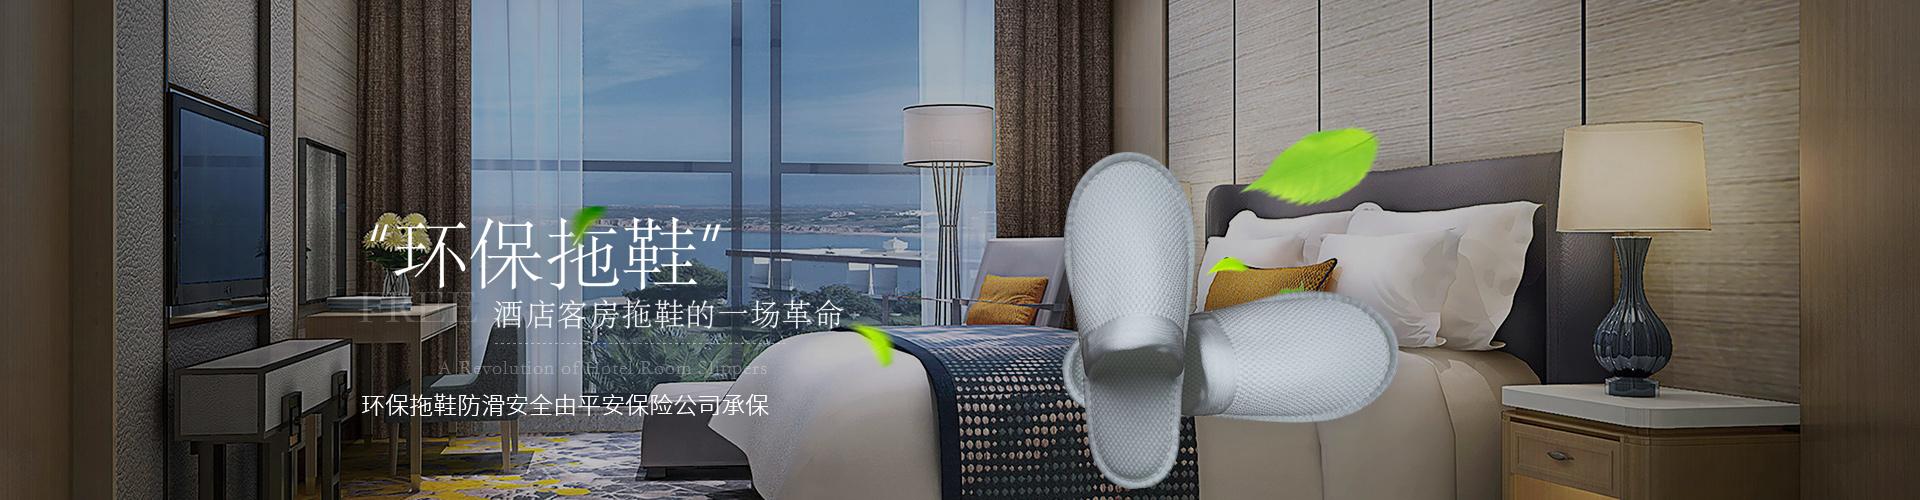 http://www.dusunhuanbao.com/data/images/slide/20190717114011_908.jpg